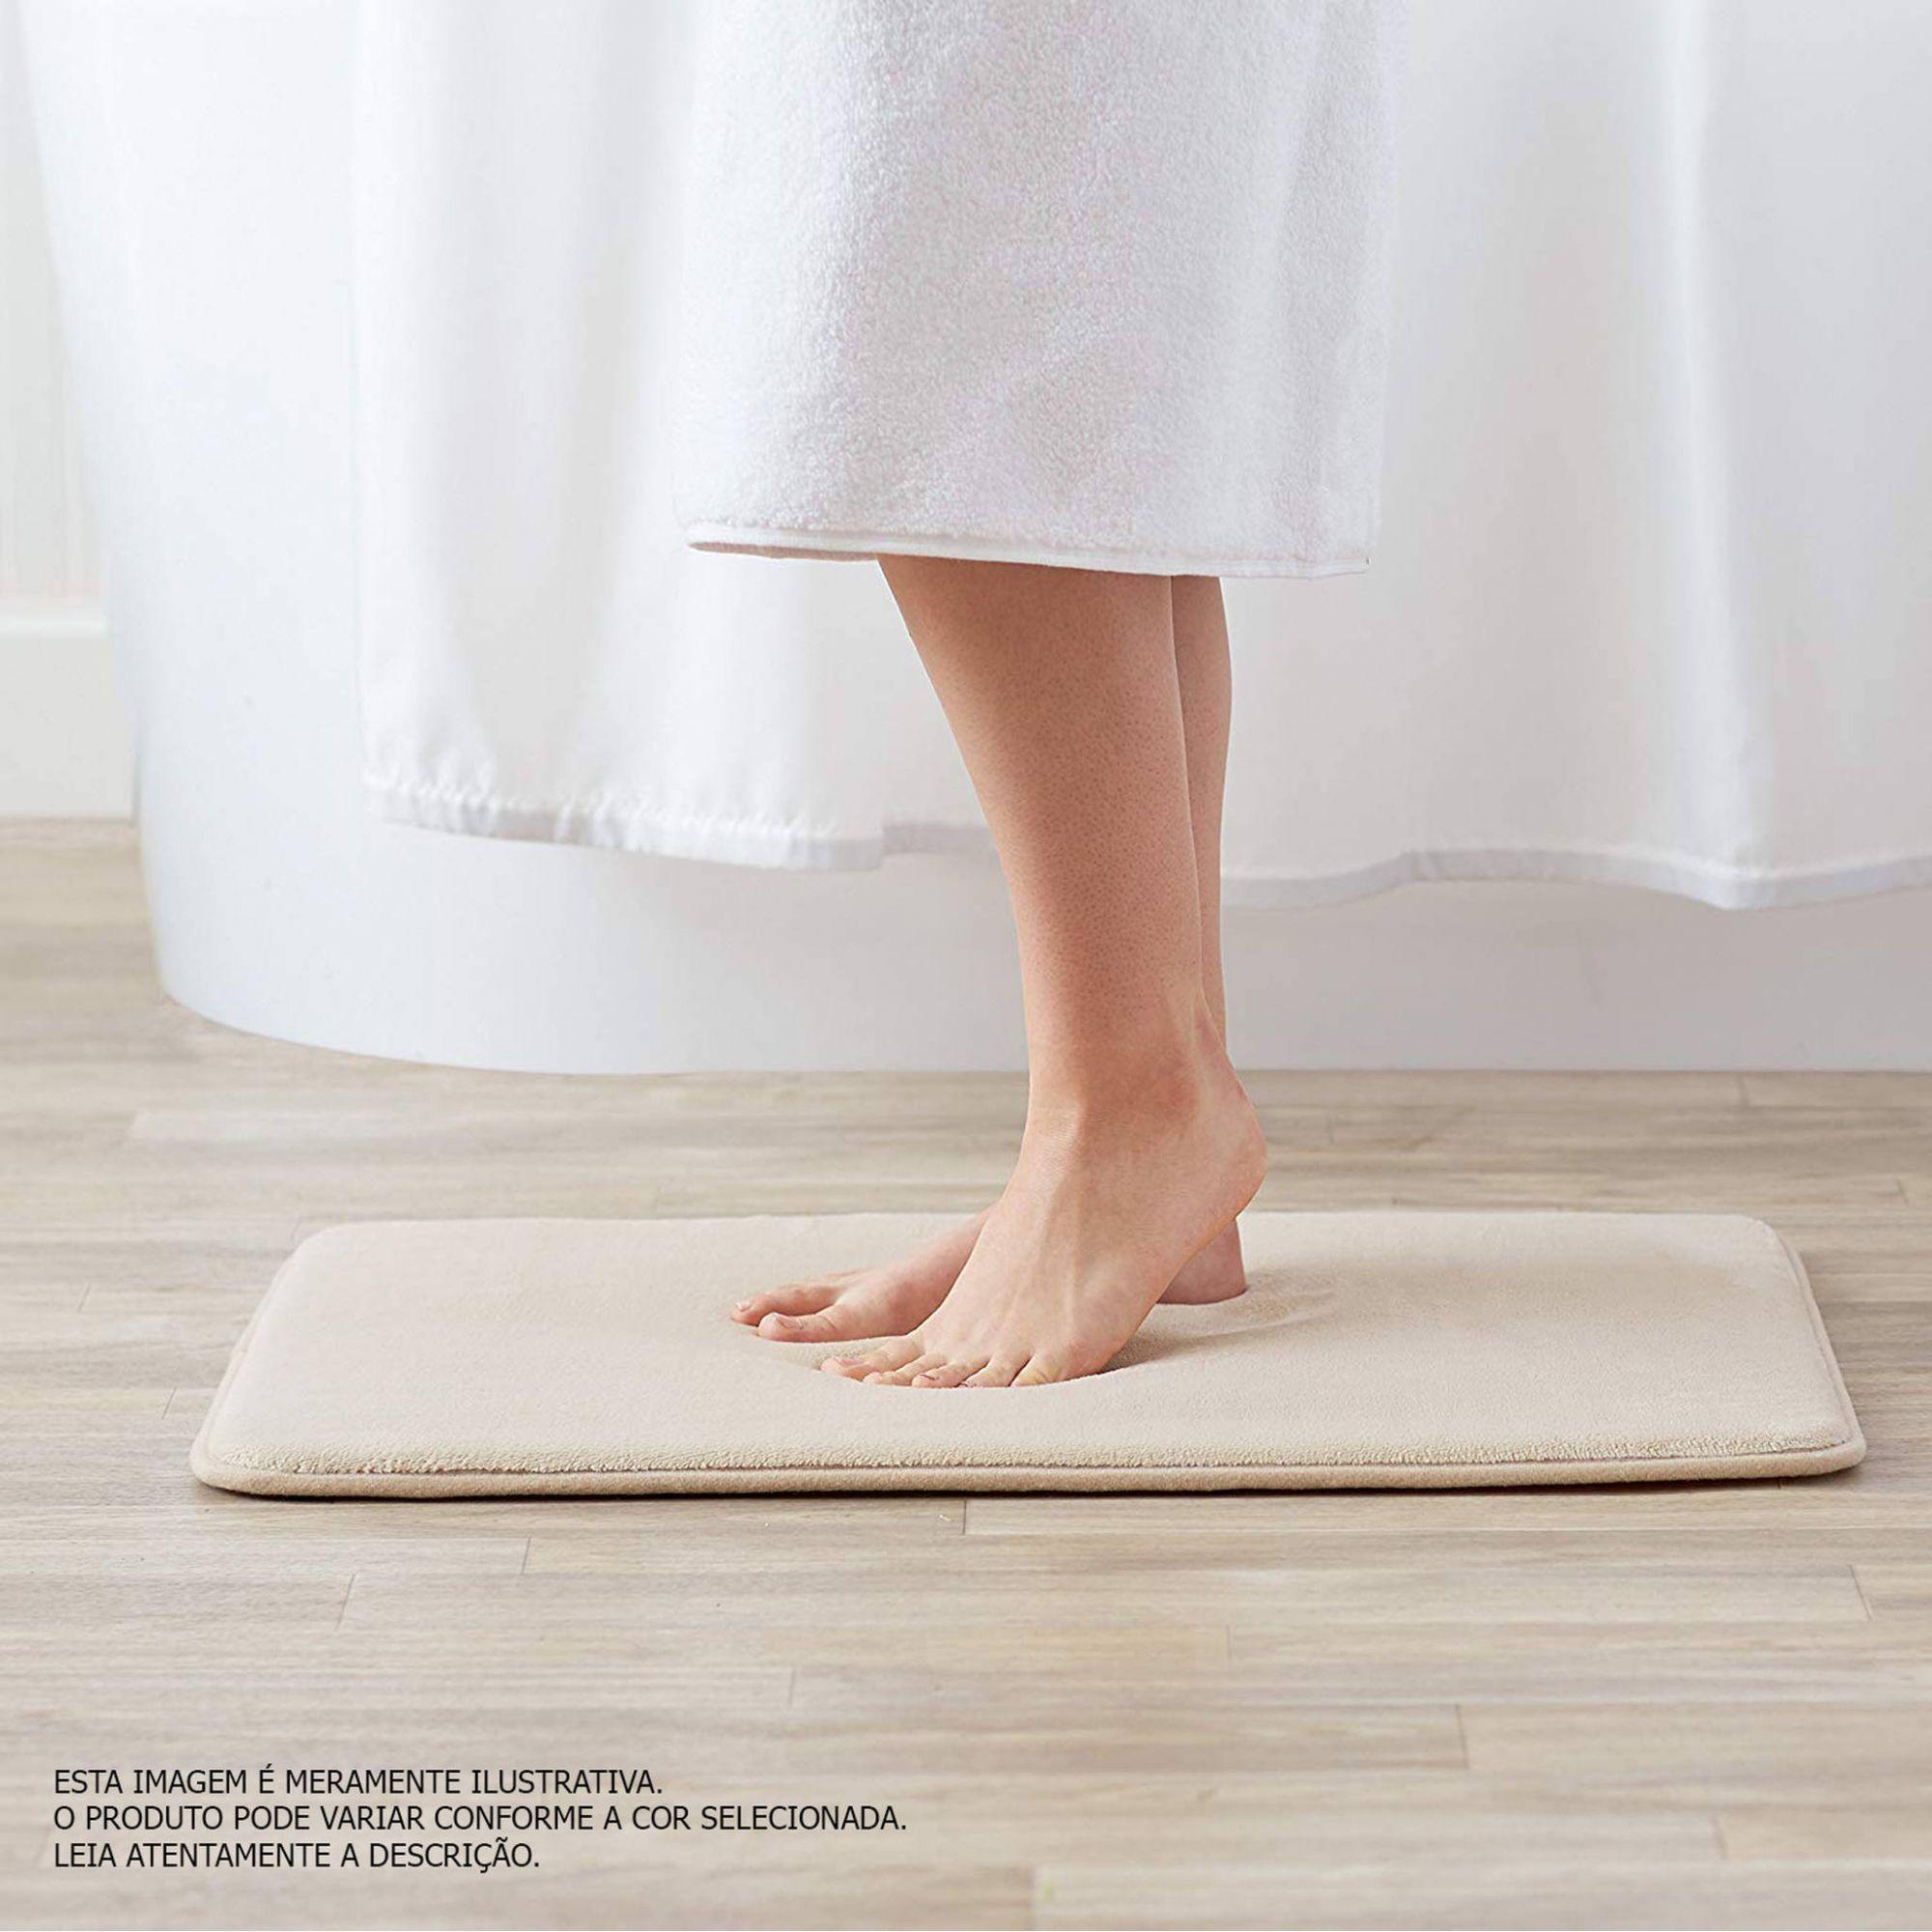 Tapete de Banheiro kit com 2 branco super soft com espuma viscoelastica